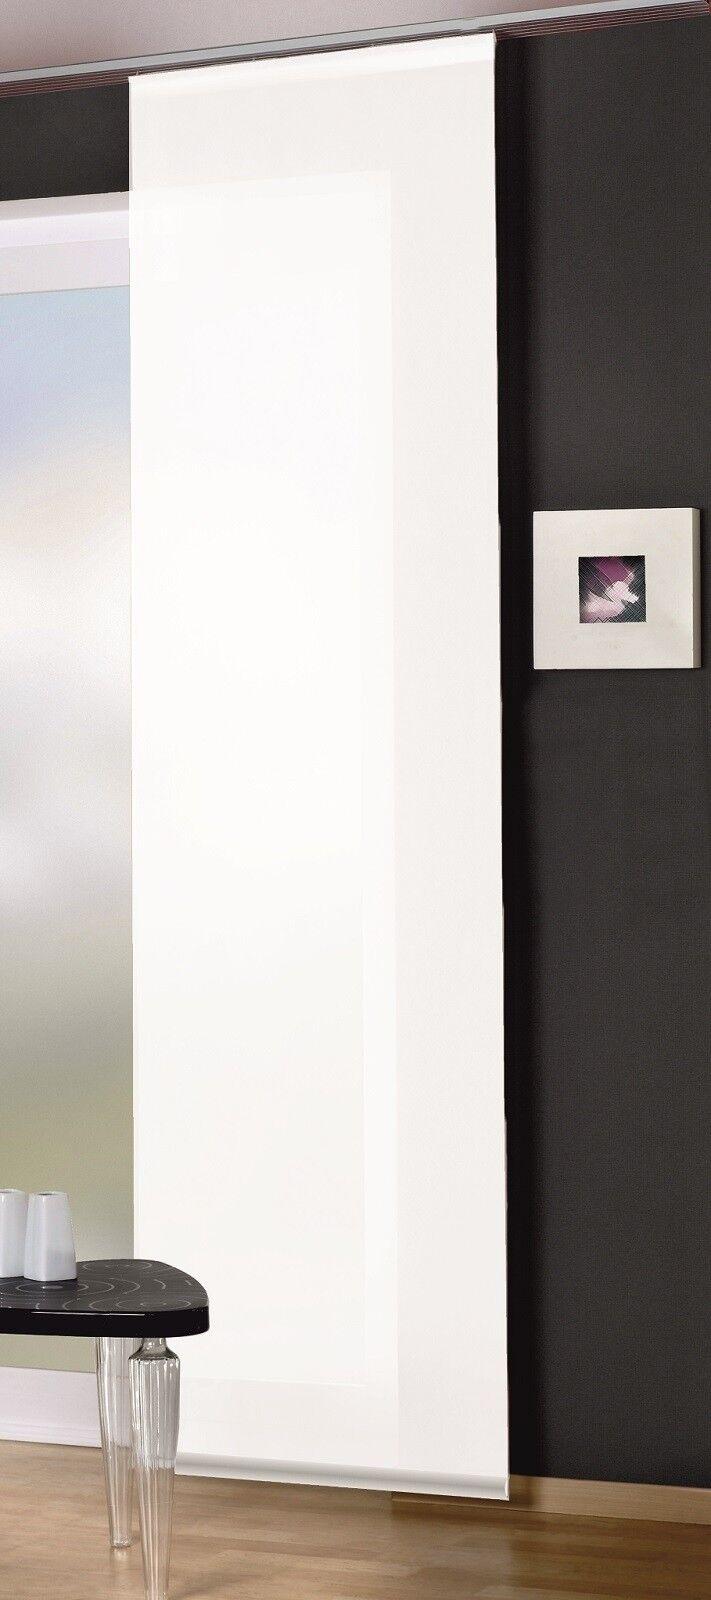 Tenda Scorrevole Opaco Opaco Opaco Stampa Digitale astratto rosso 60cm x 245cm e0b3eb